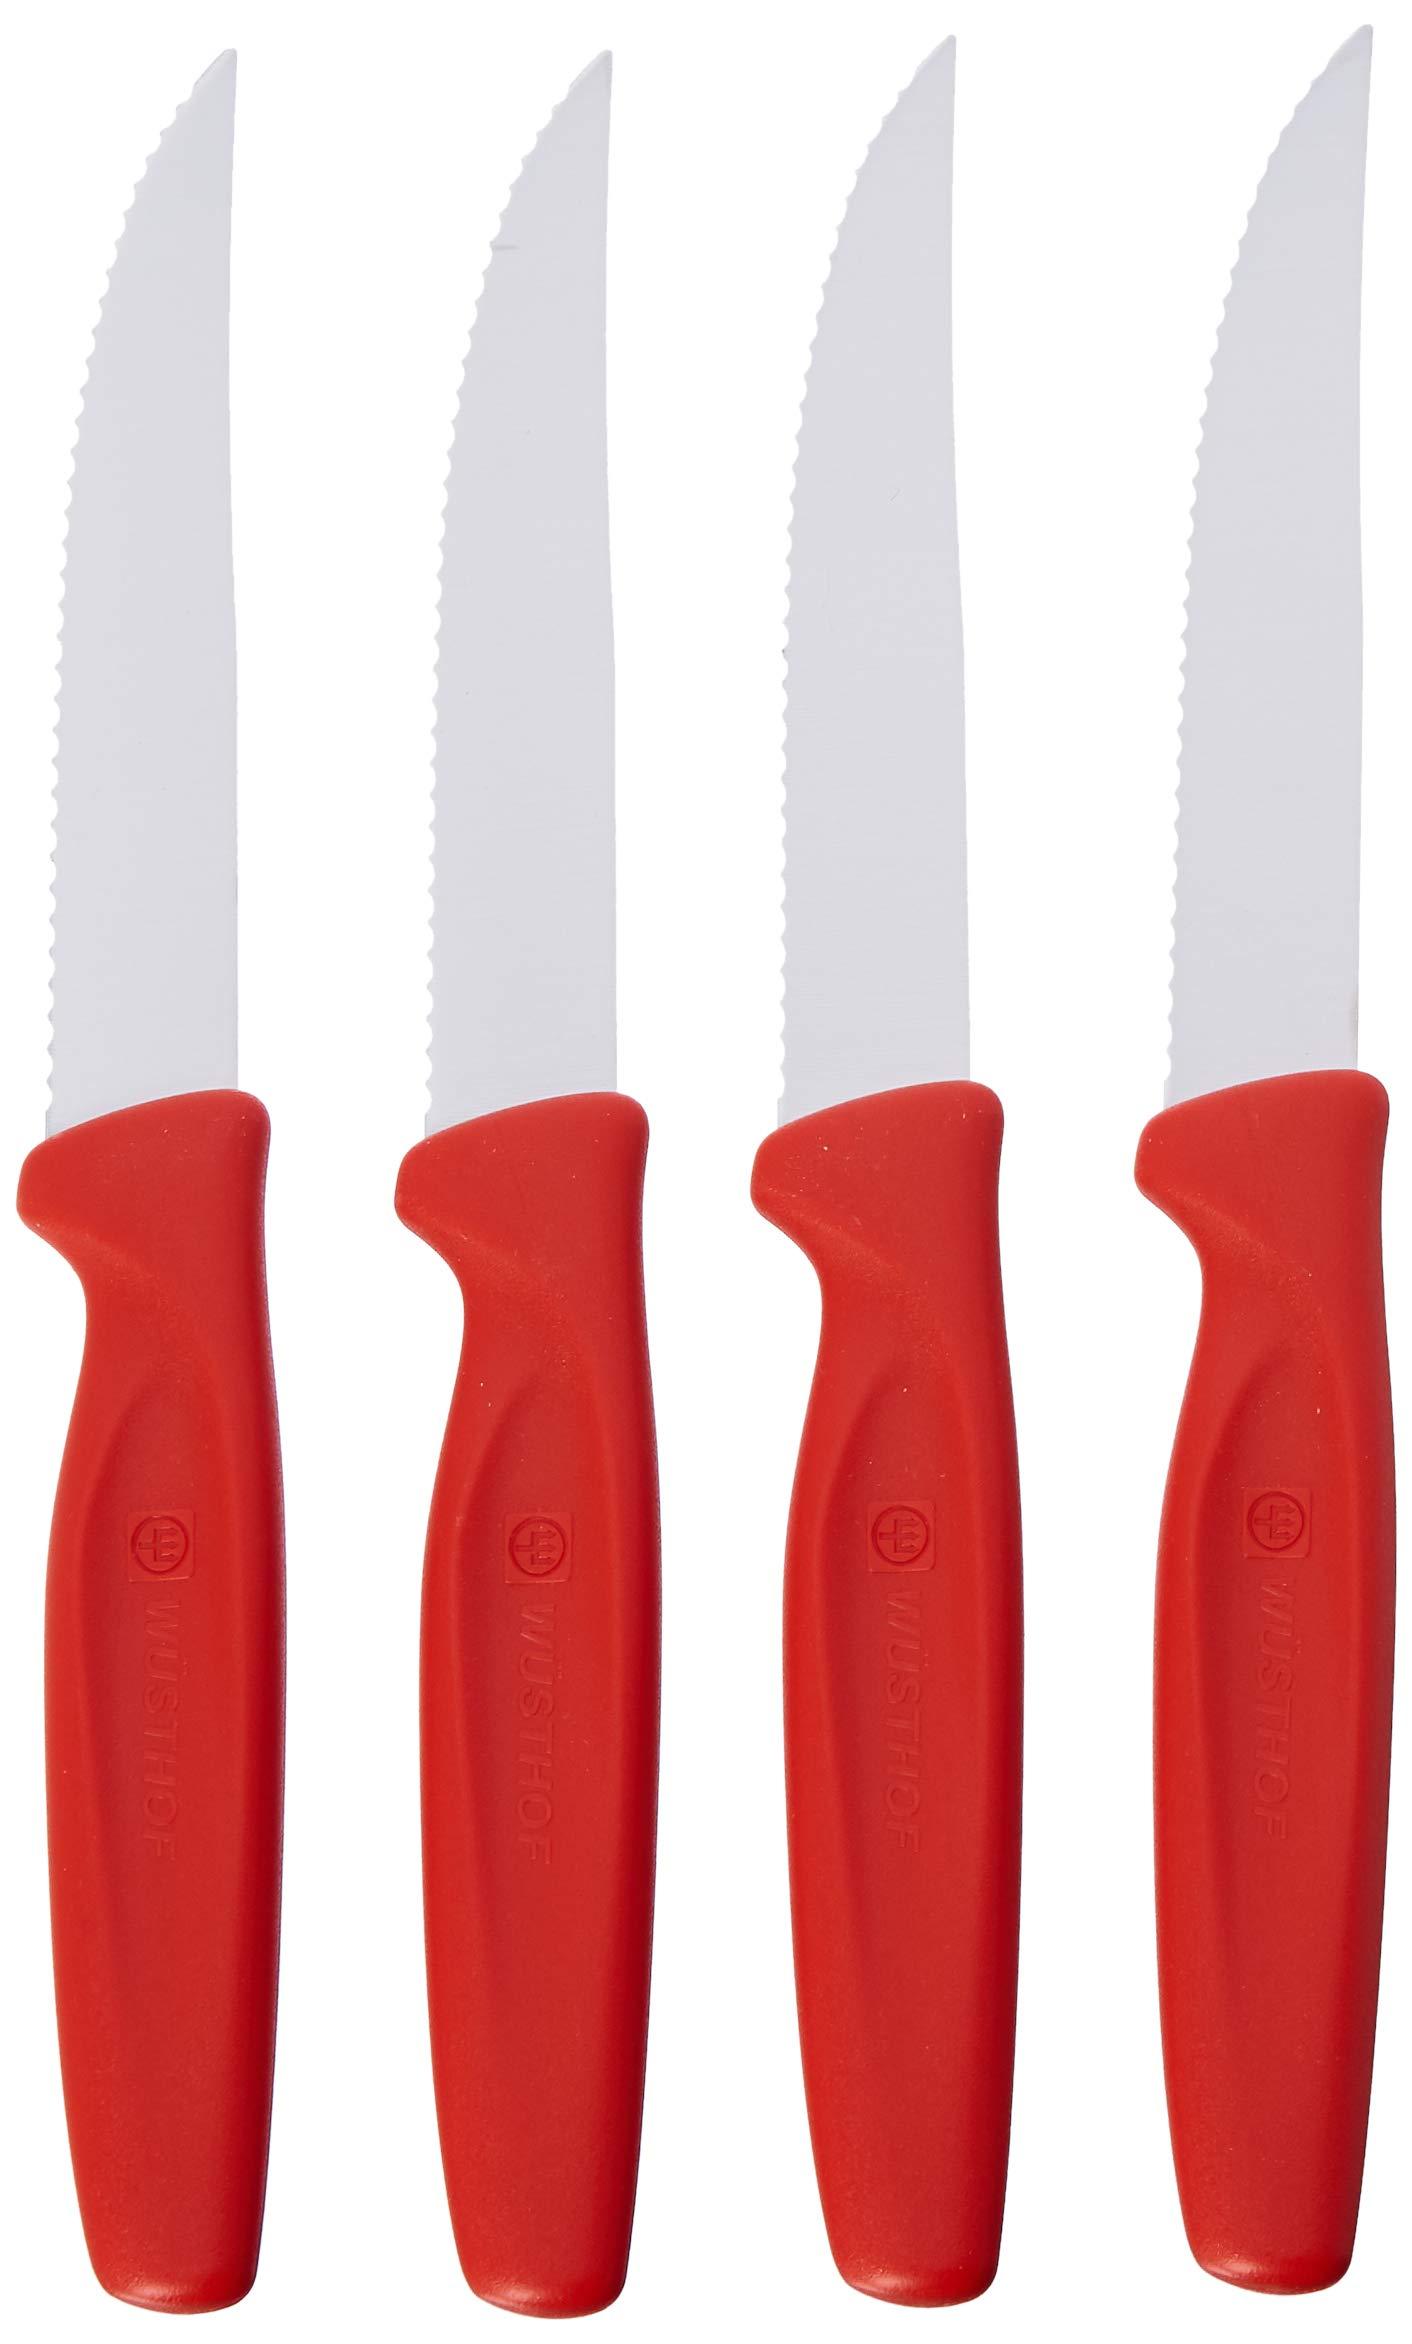 Wusthof Zest 4 Piece Steak Knife Set, Red